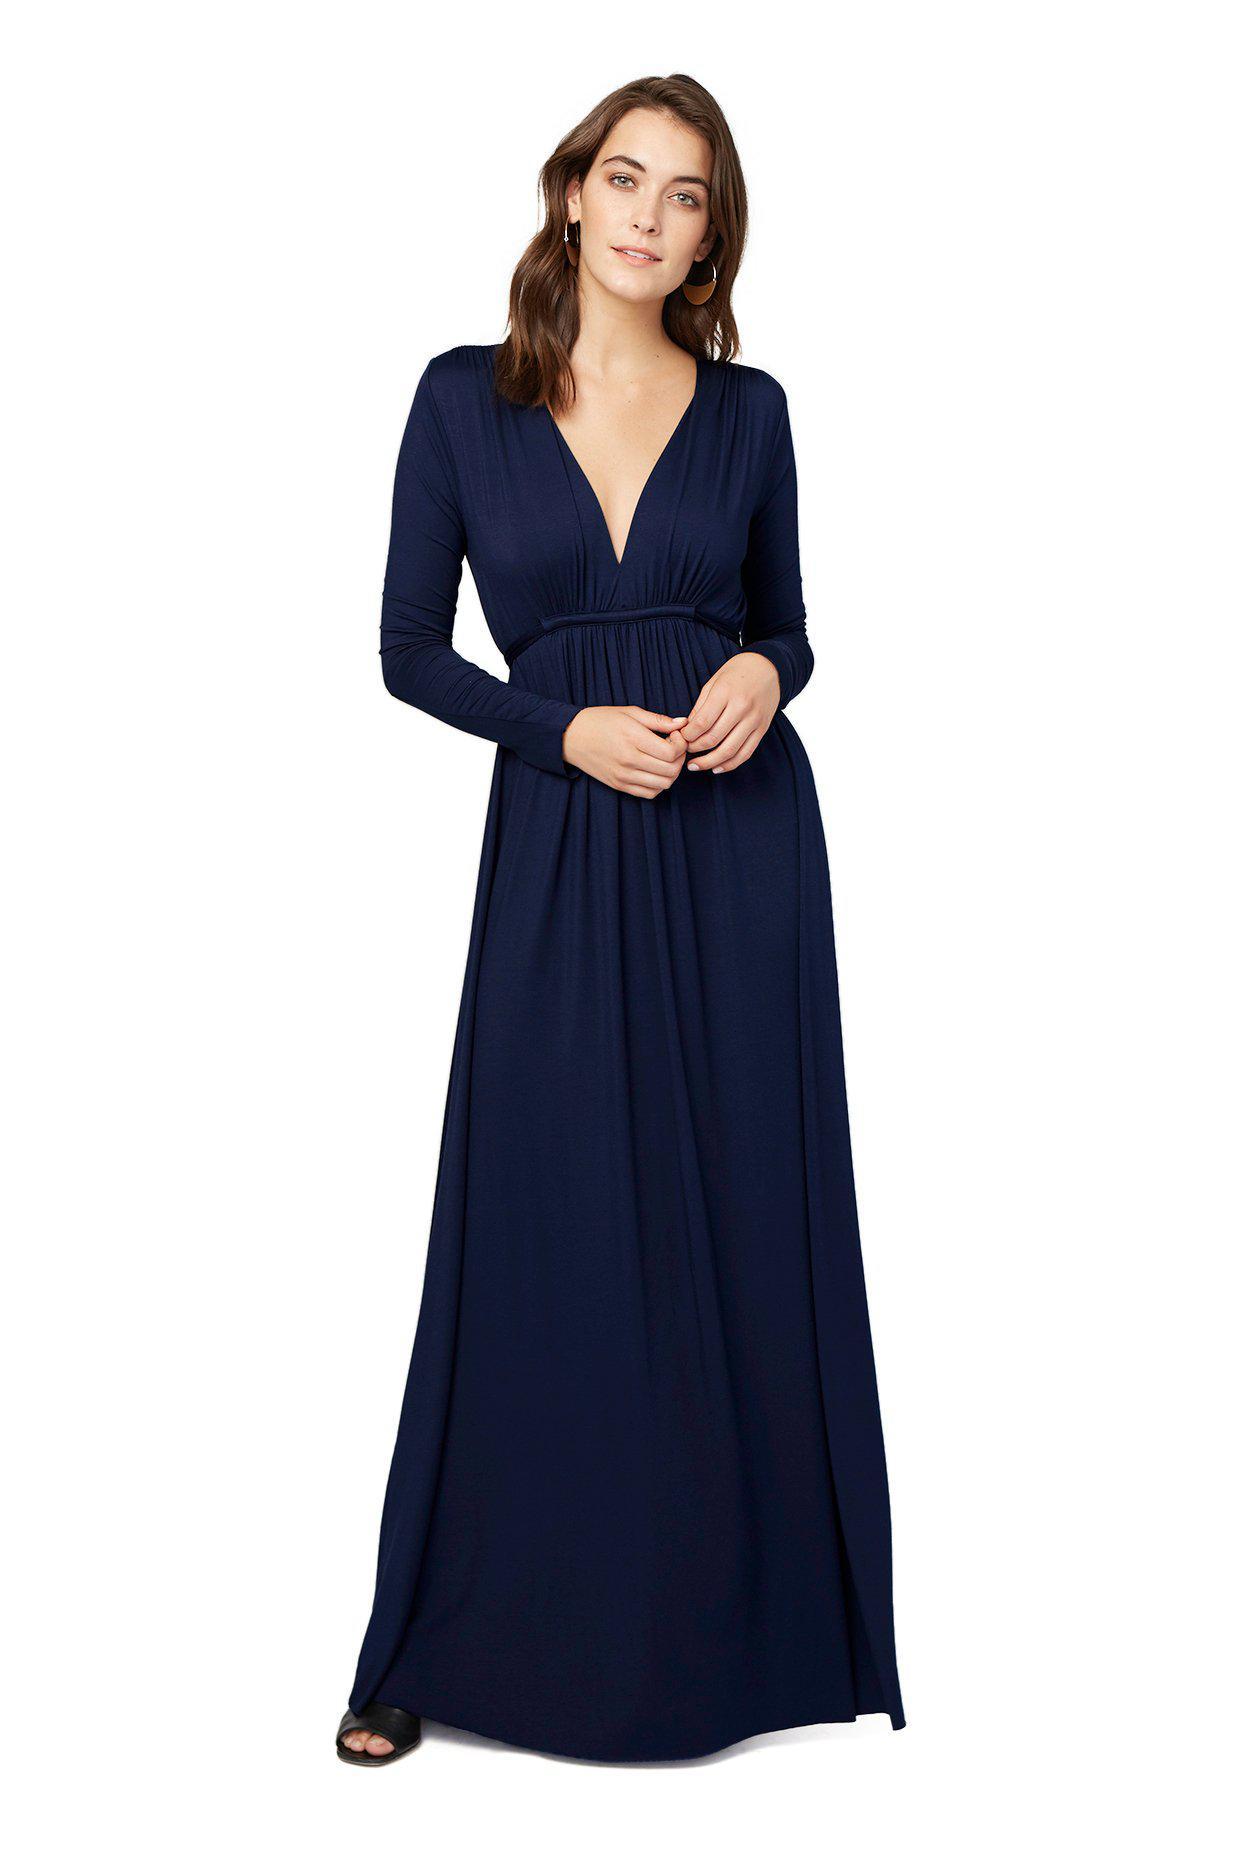 b2f8083d22d7c Lyst - Rachel Pally Long Sleeve Full Length Caftan - Stargazer in Blue